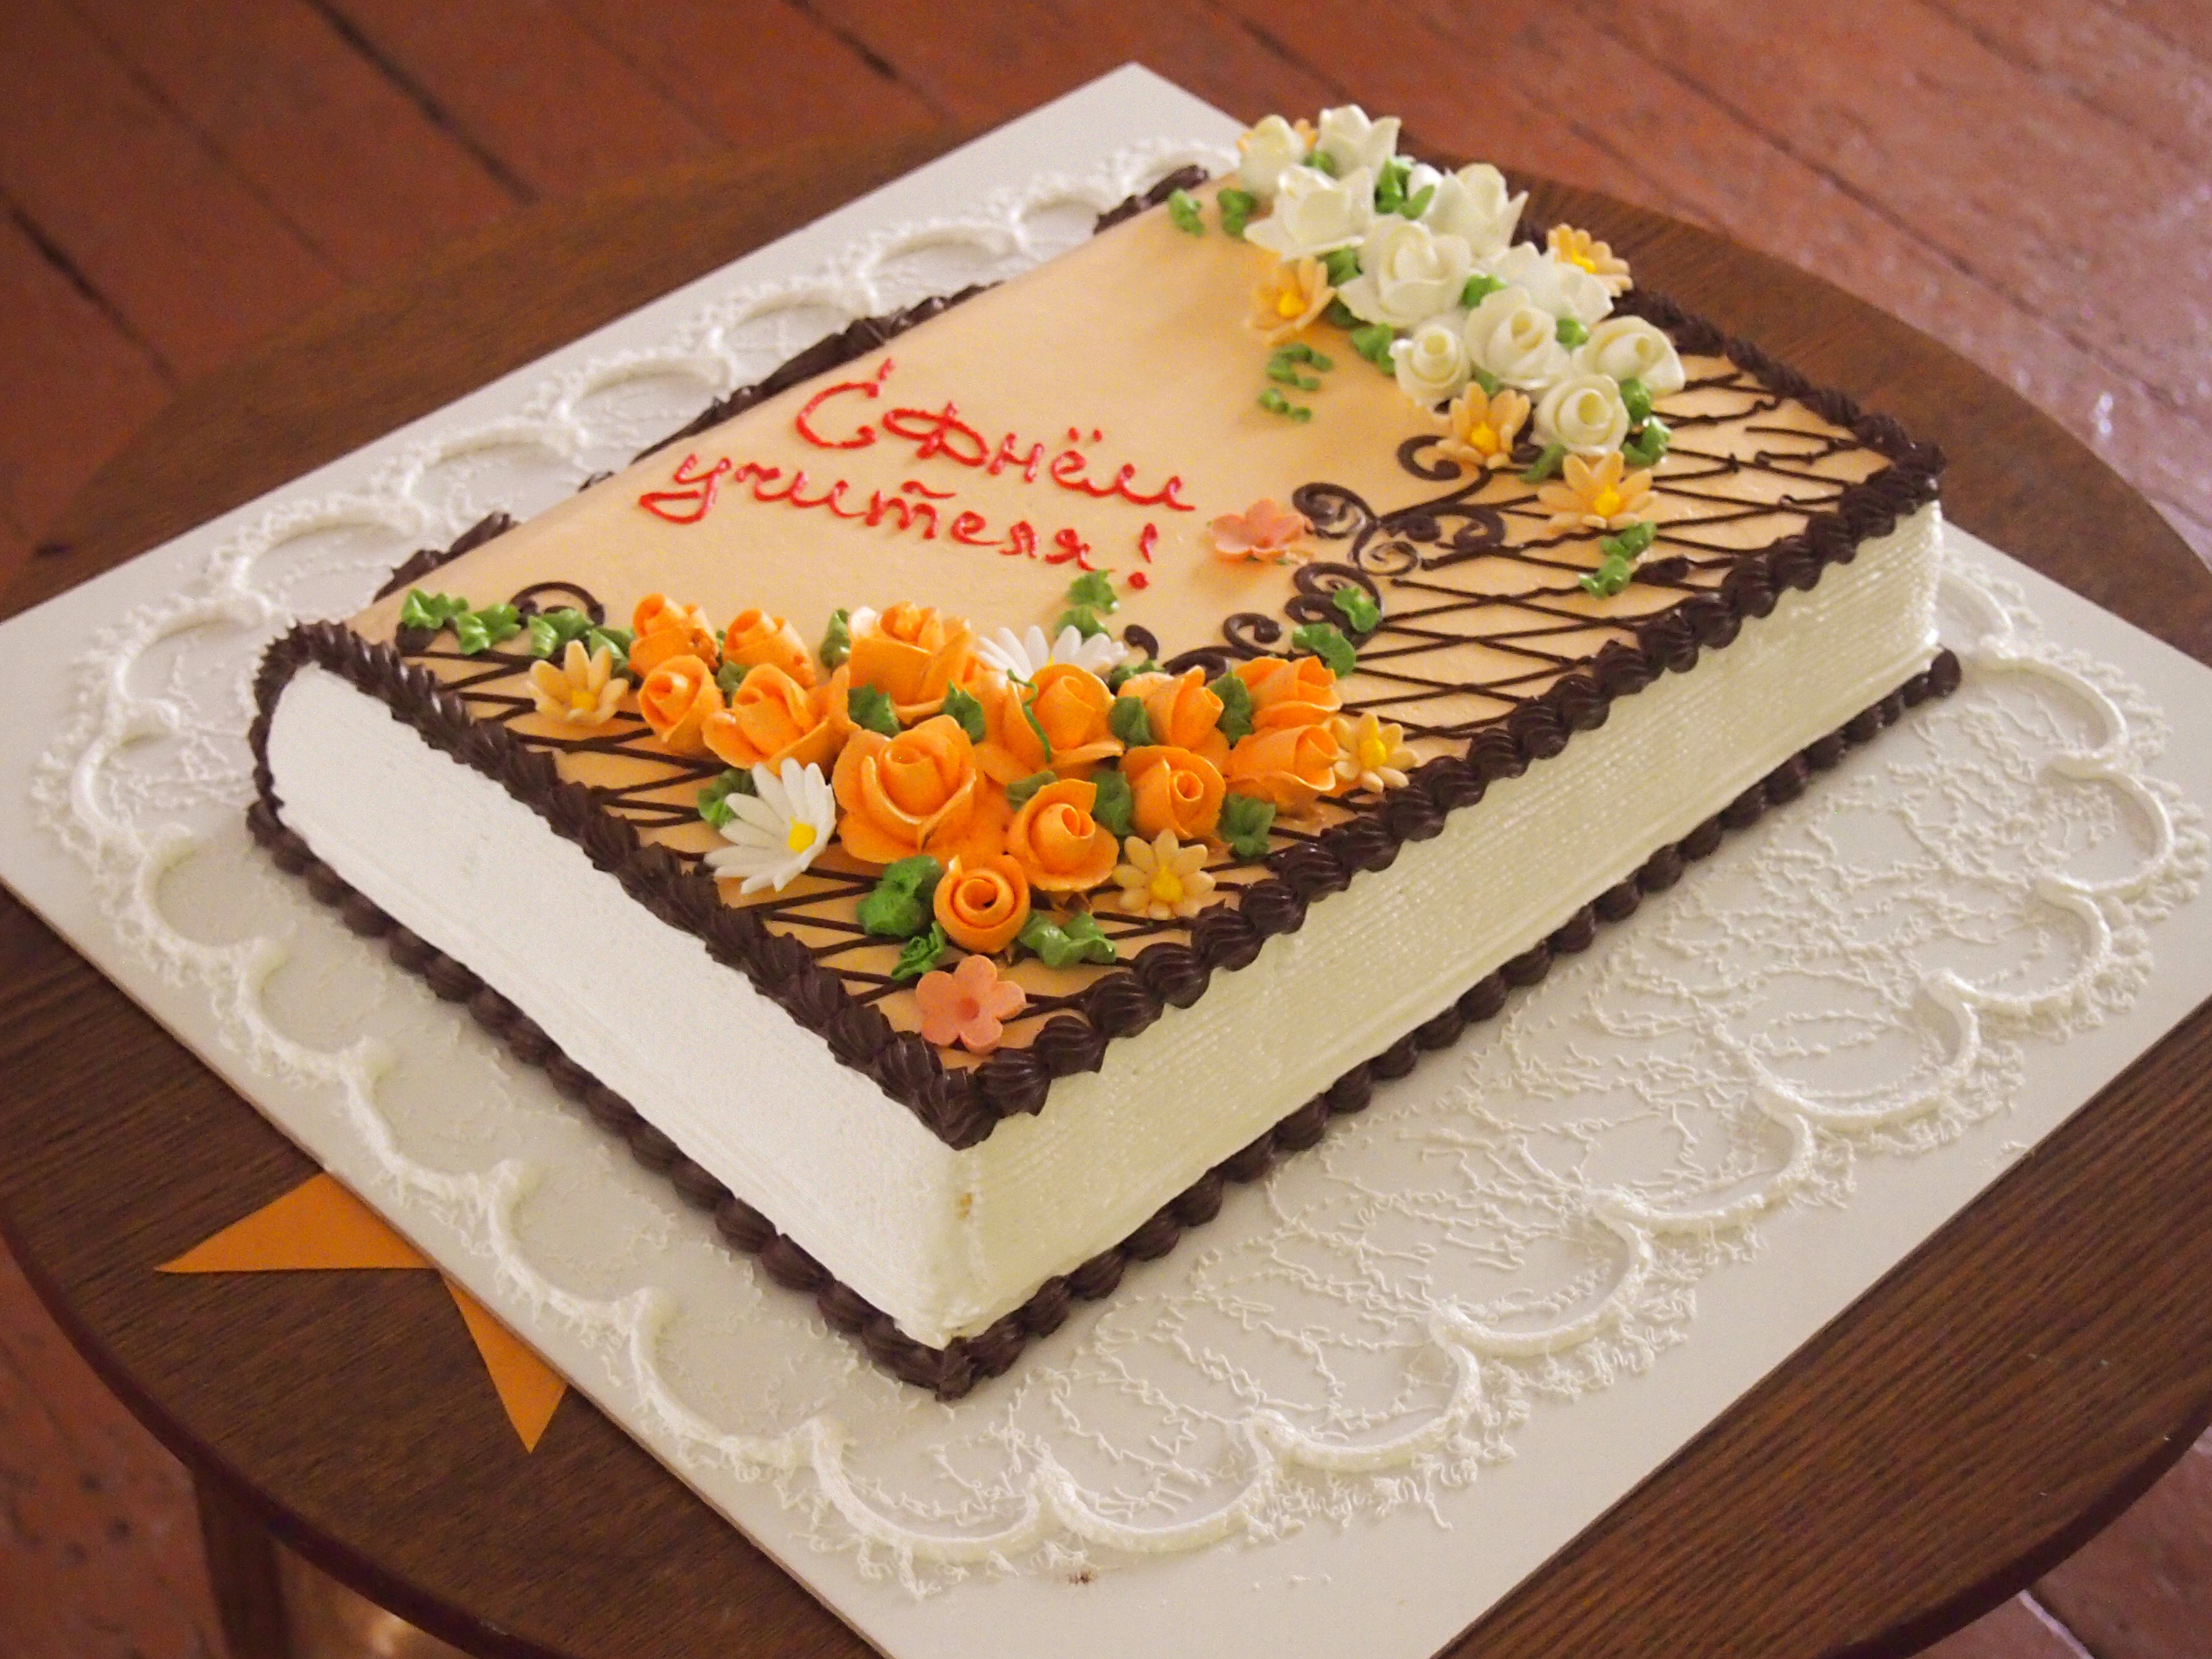 фото торта из сливок для директора годы